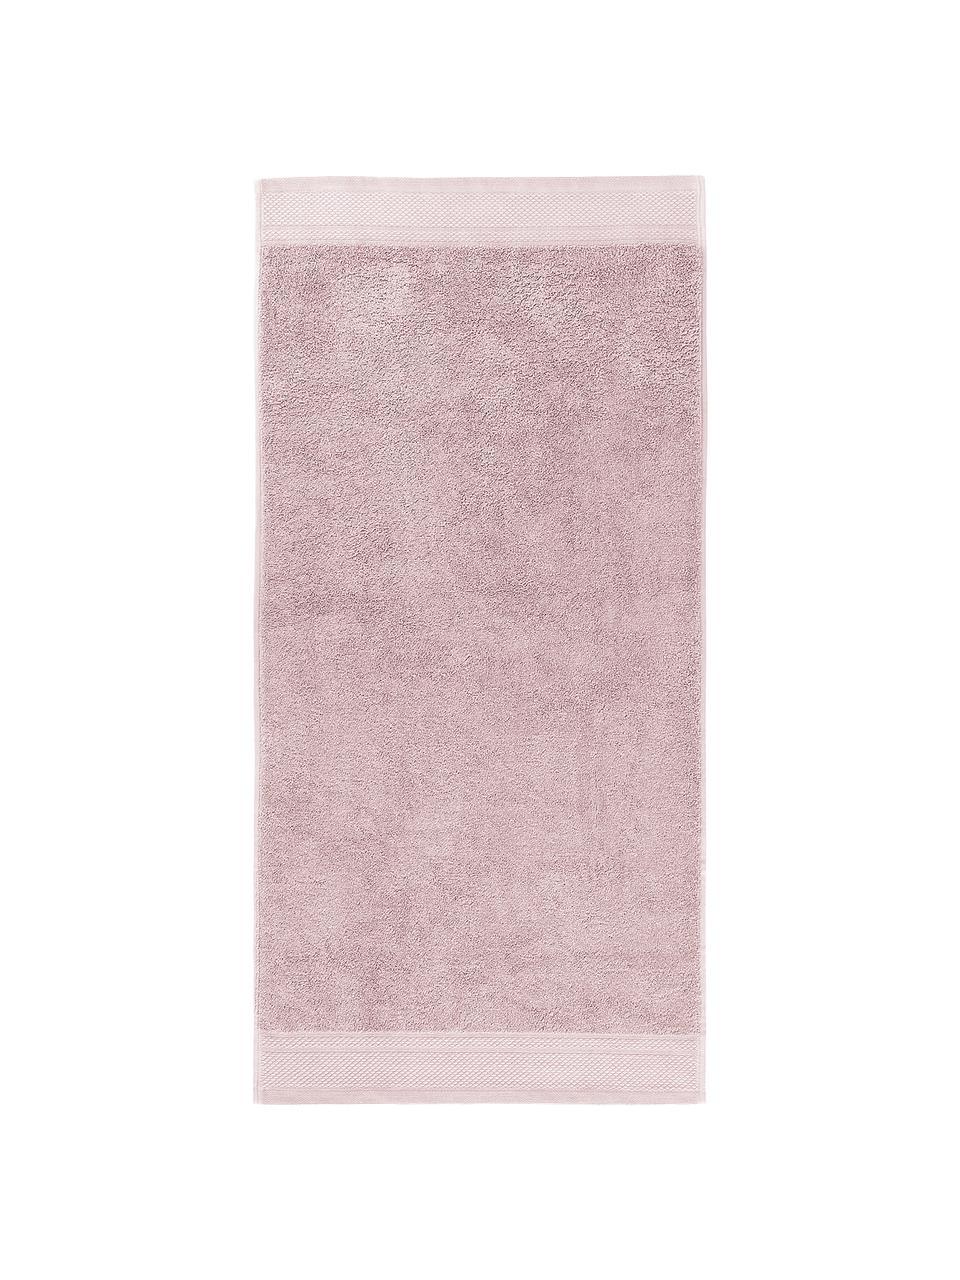 Set 3 asciugamani Premium, Rosa cipria, Set in varie misure